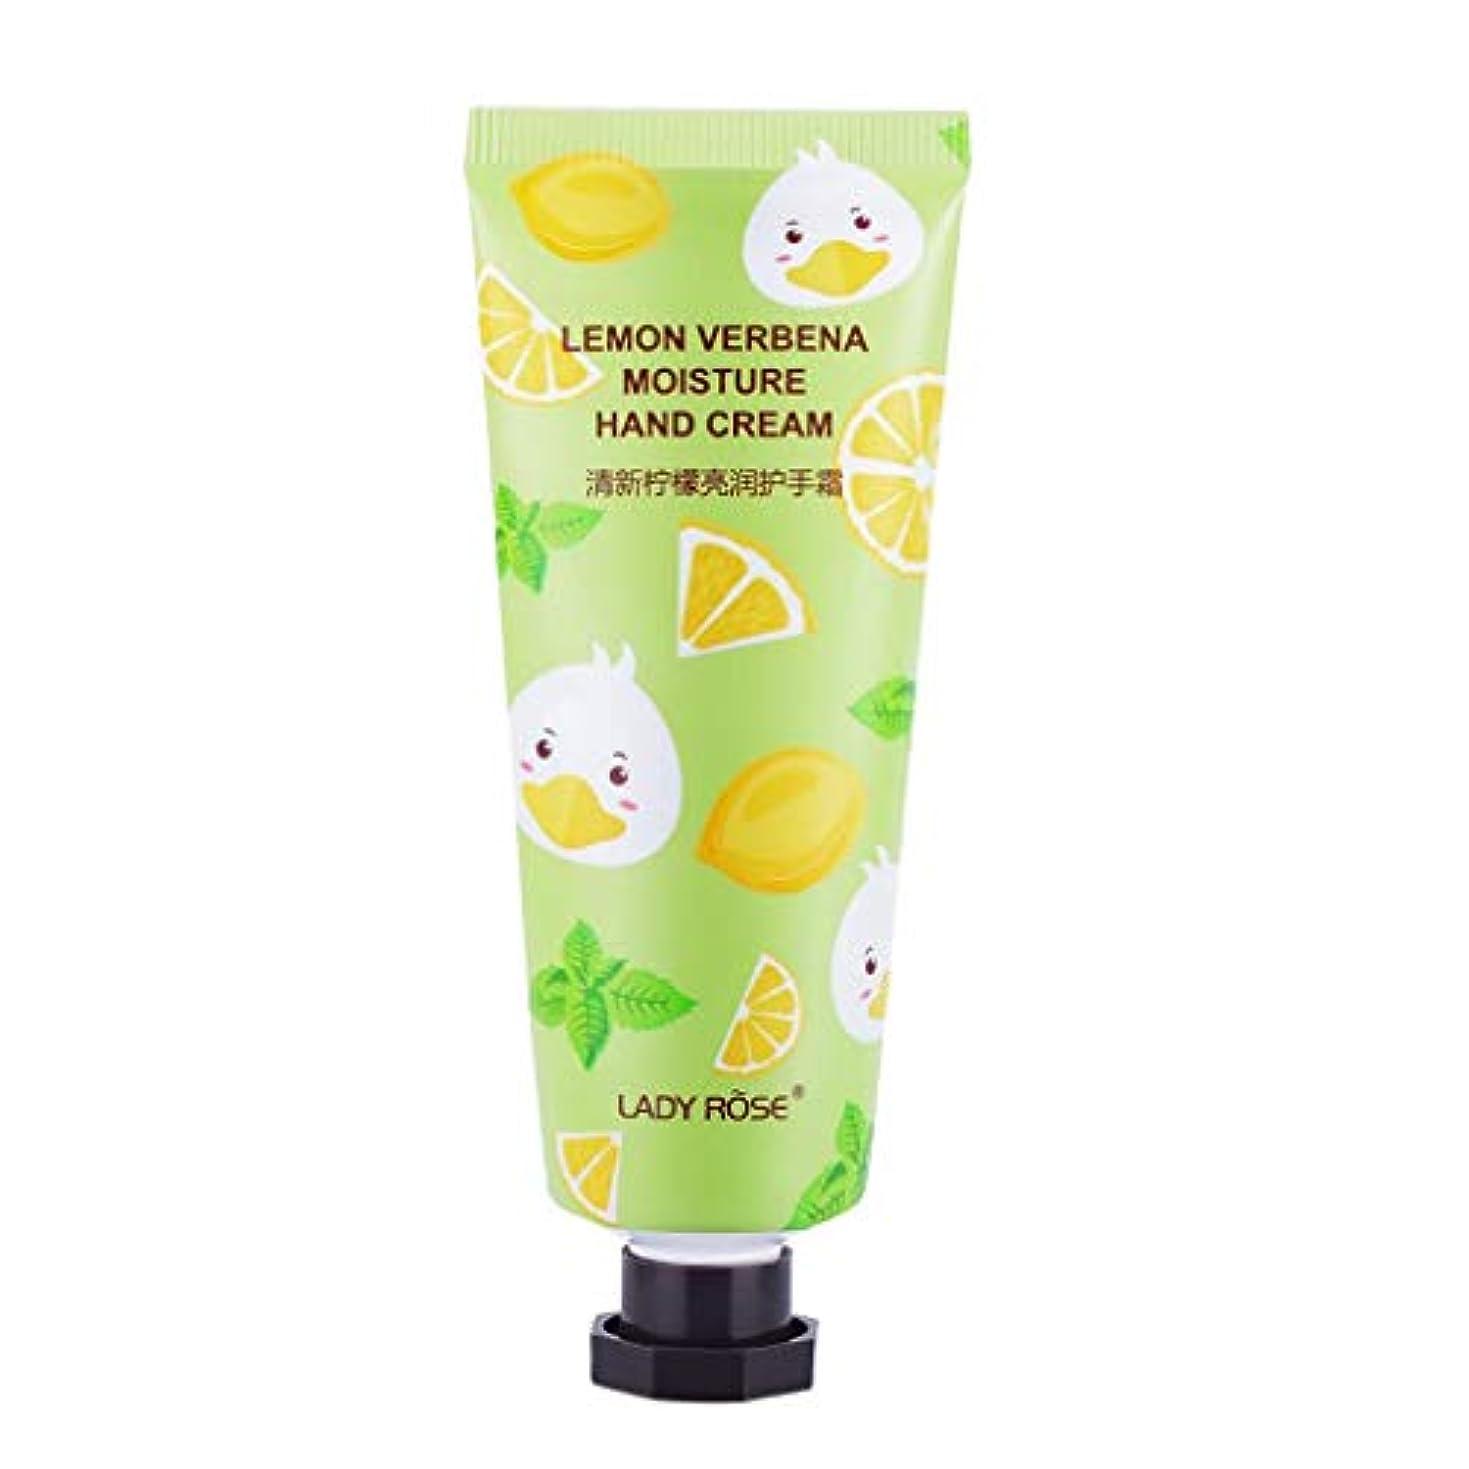 ブロッサムキュービックホストハンドクリーム 乾燥対策 潤い スキンケア 可愛い 香り 保湿クリーム ローション 3タイプ選べ - レモン